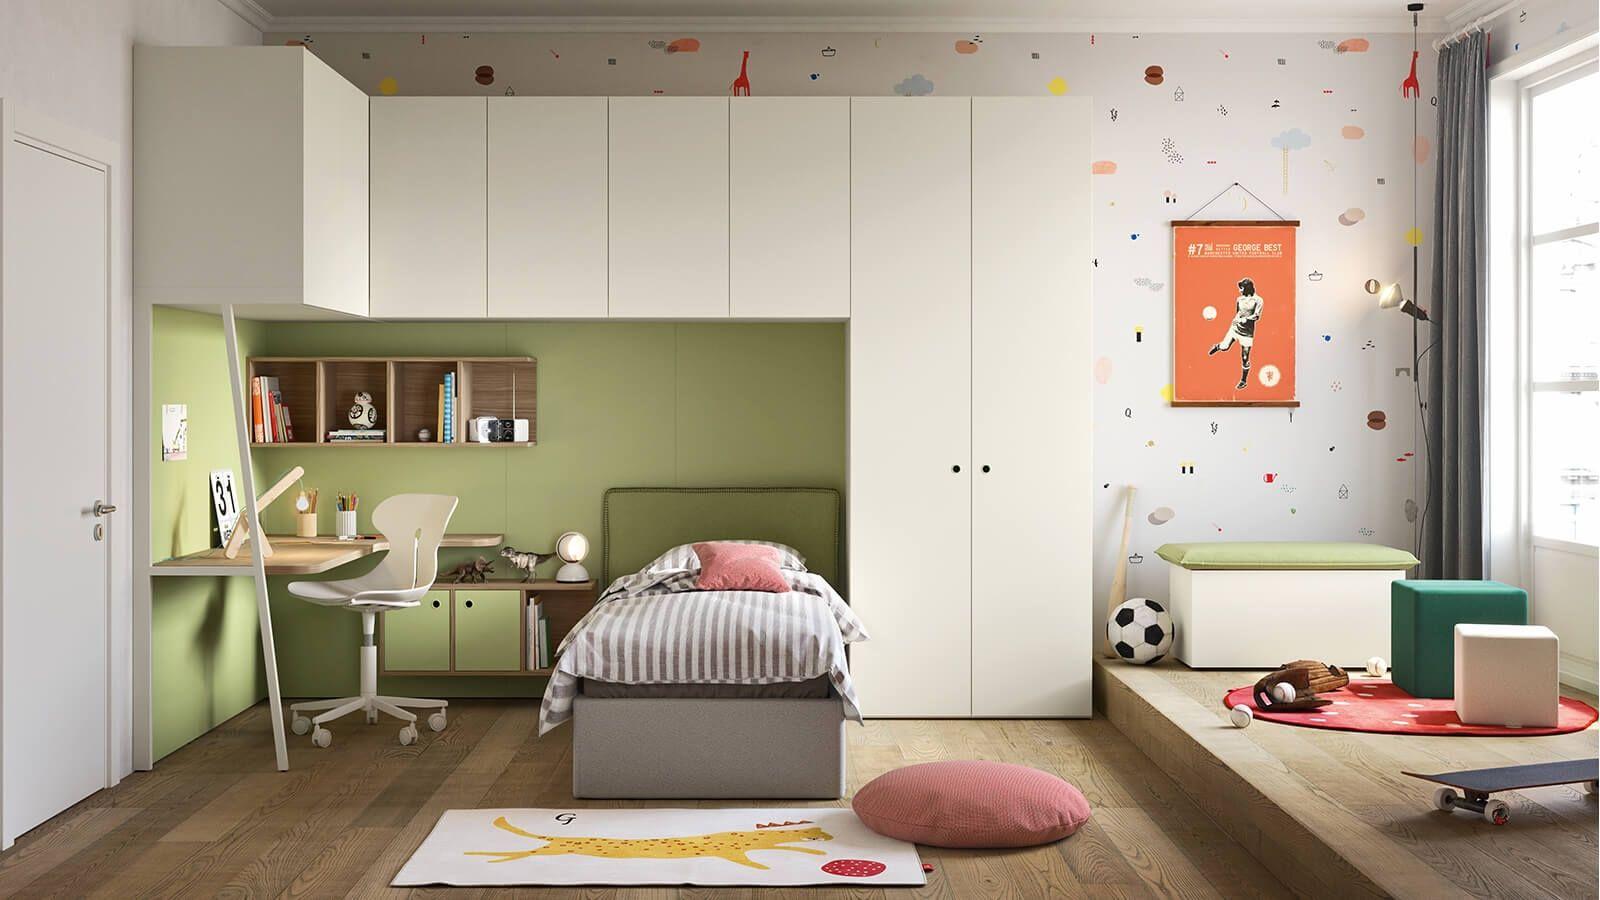 Idee Cameretta Bambini : Idee camerette stanze per bambini suggerimenti arredo